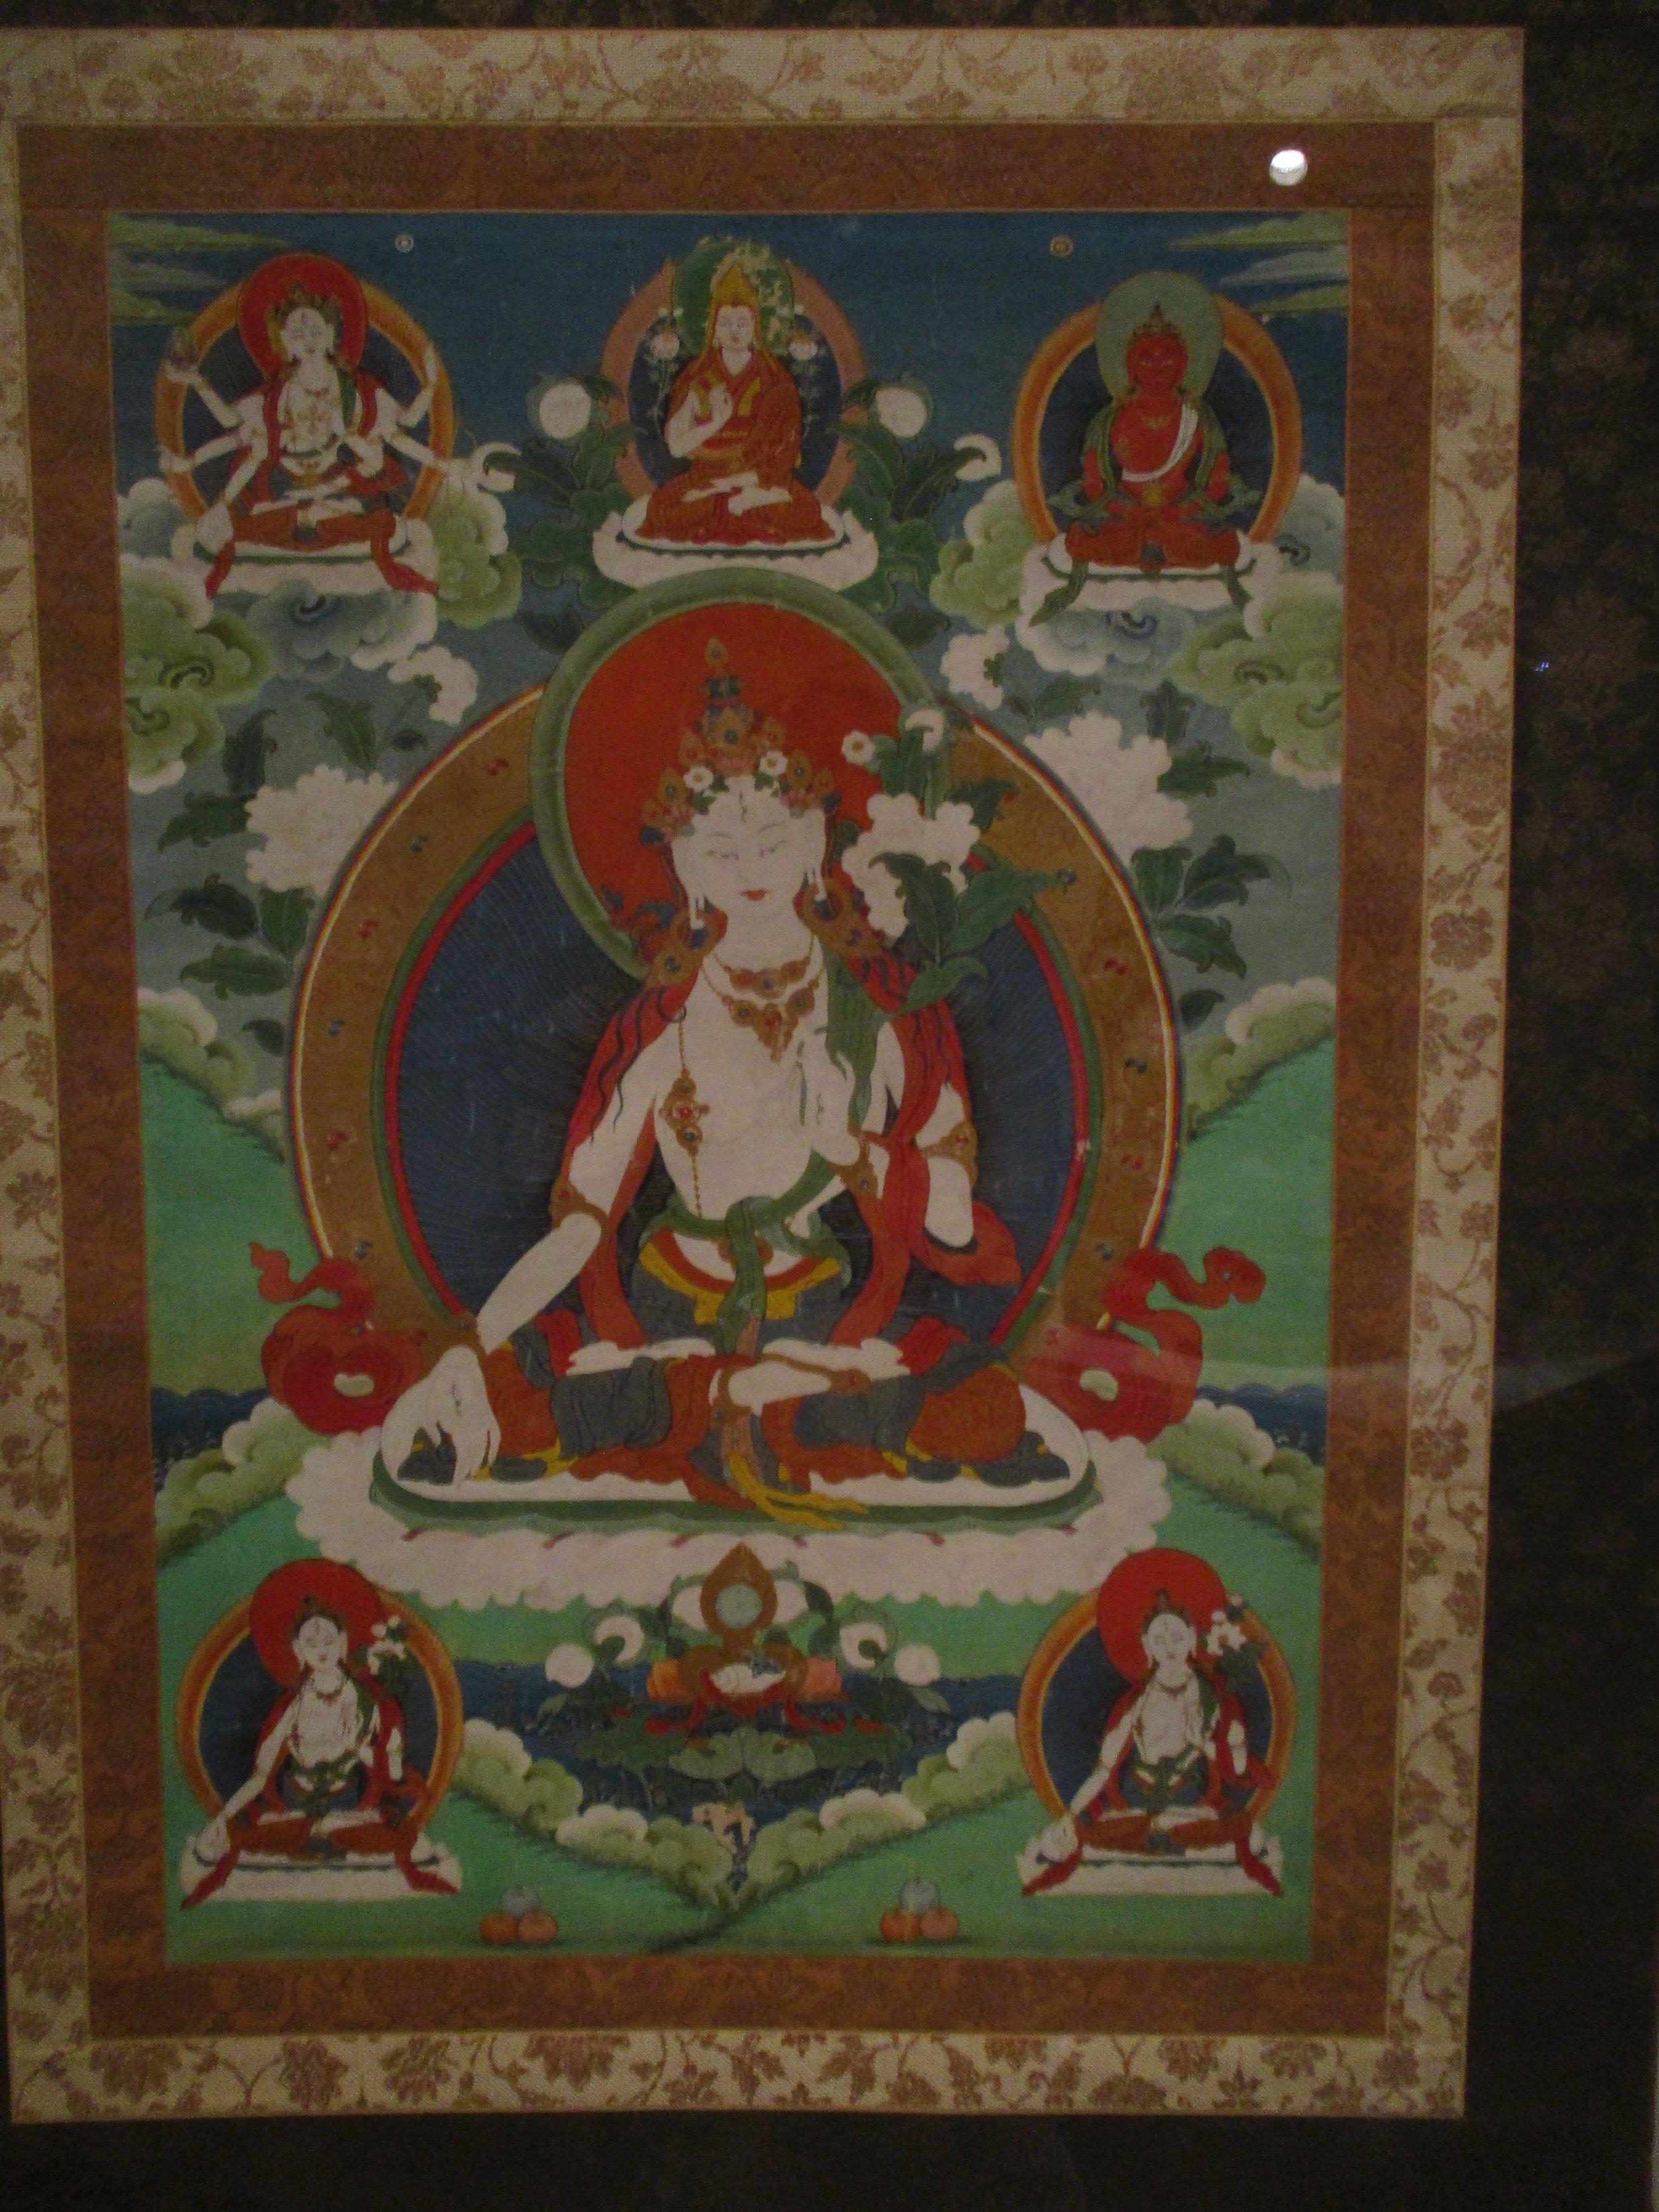 The Buddhist deity White Tara, also the bodhisattva of compassion.